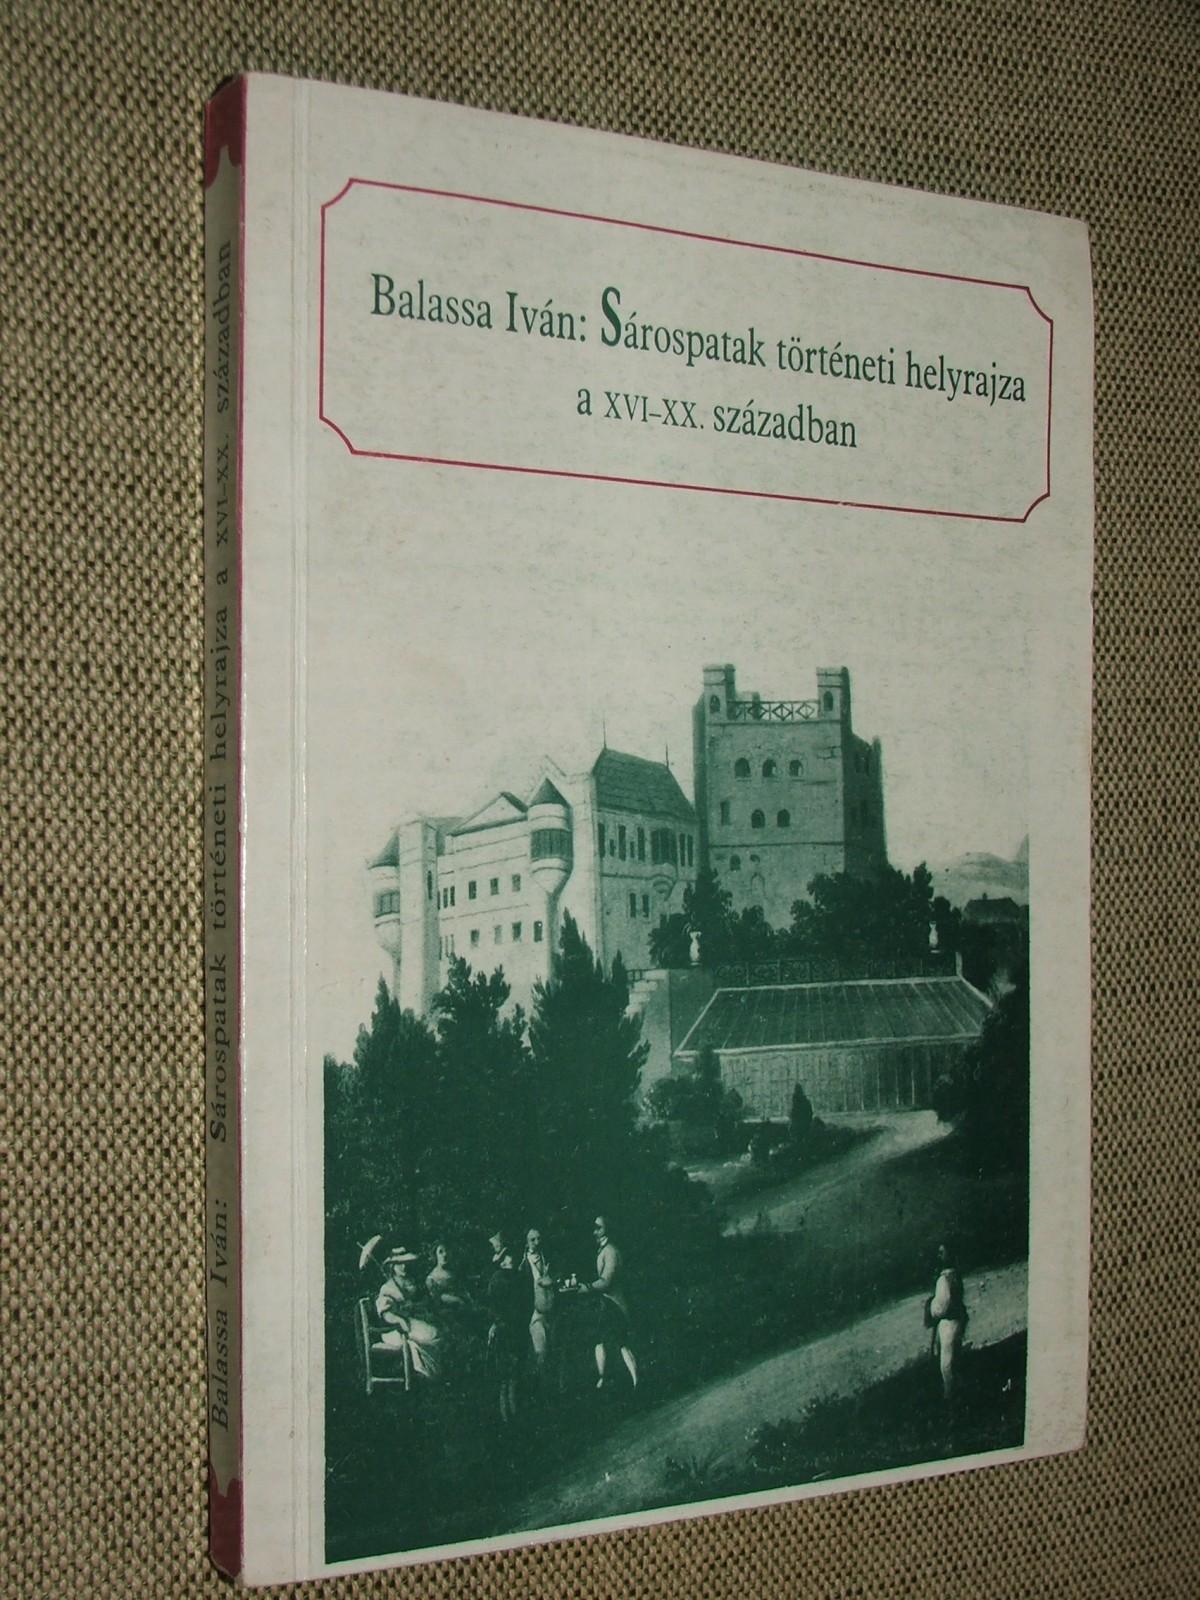 BALASSA Iván: Sárospatak történeti helyrajza XVI-XX. század